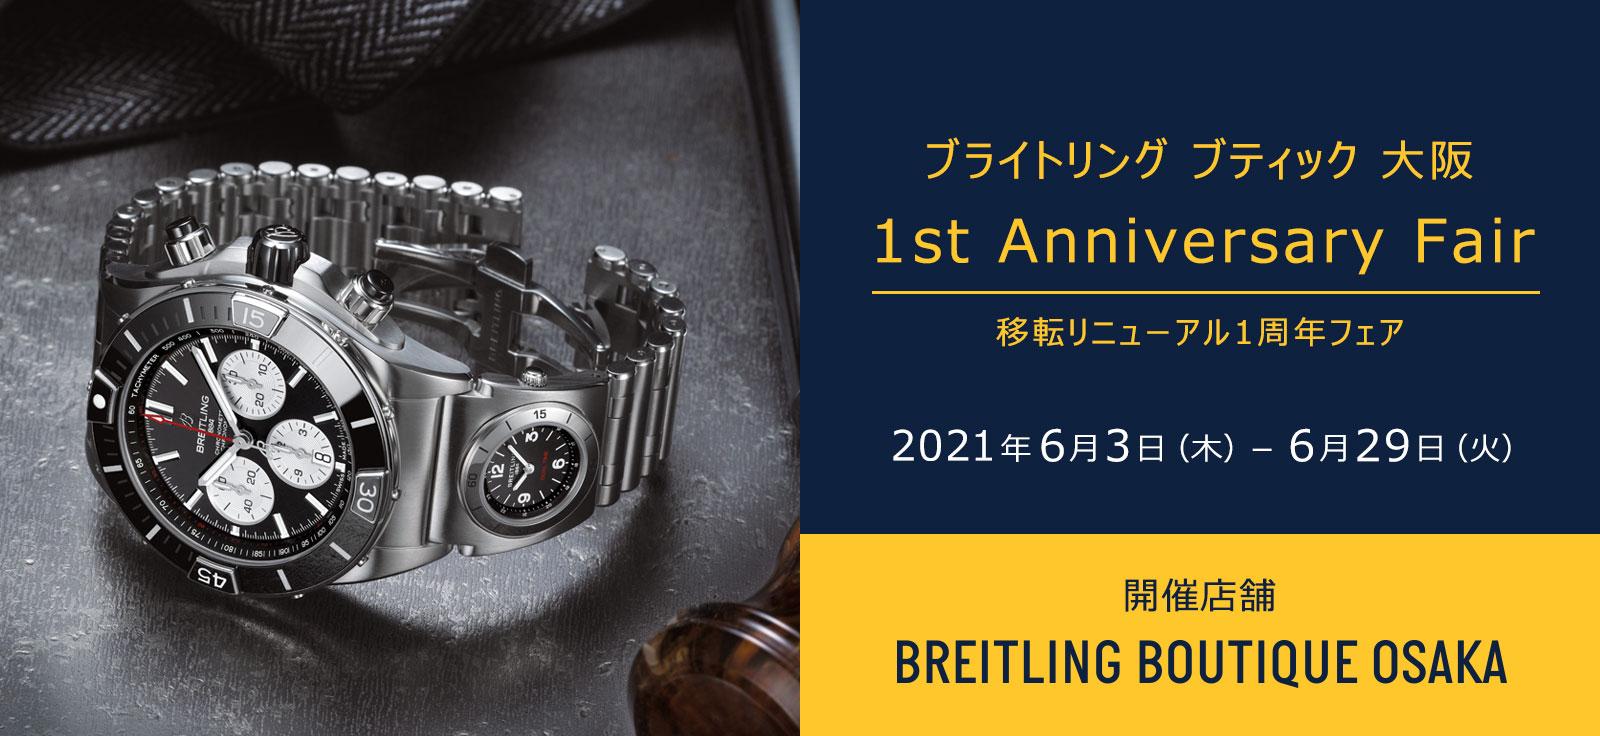 ブライトリング ブティック 大阪 移転リニューアル1周年フェア